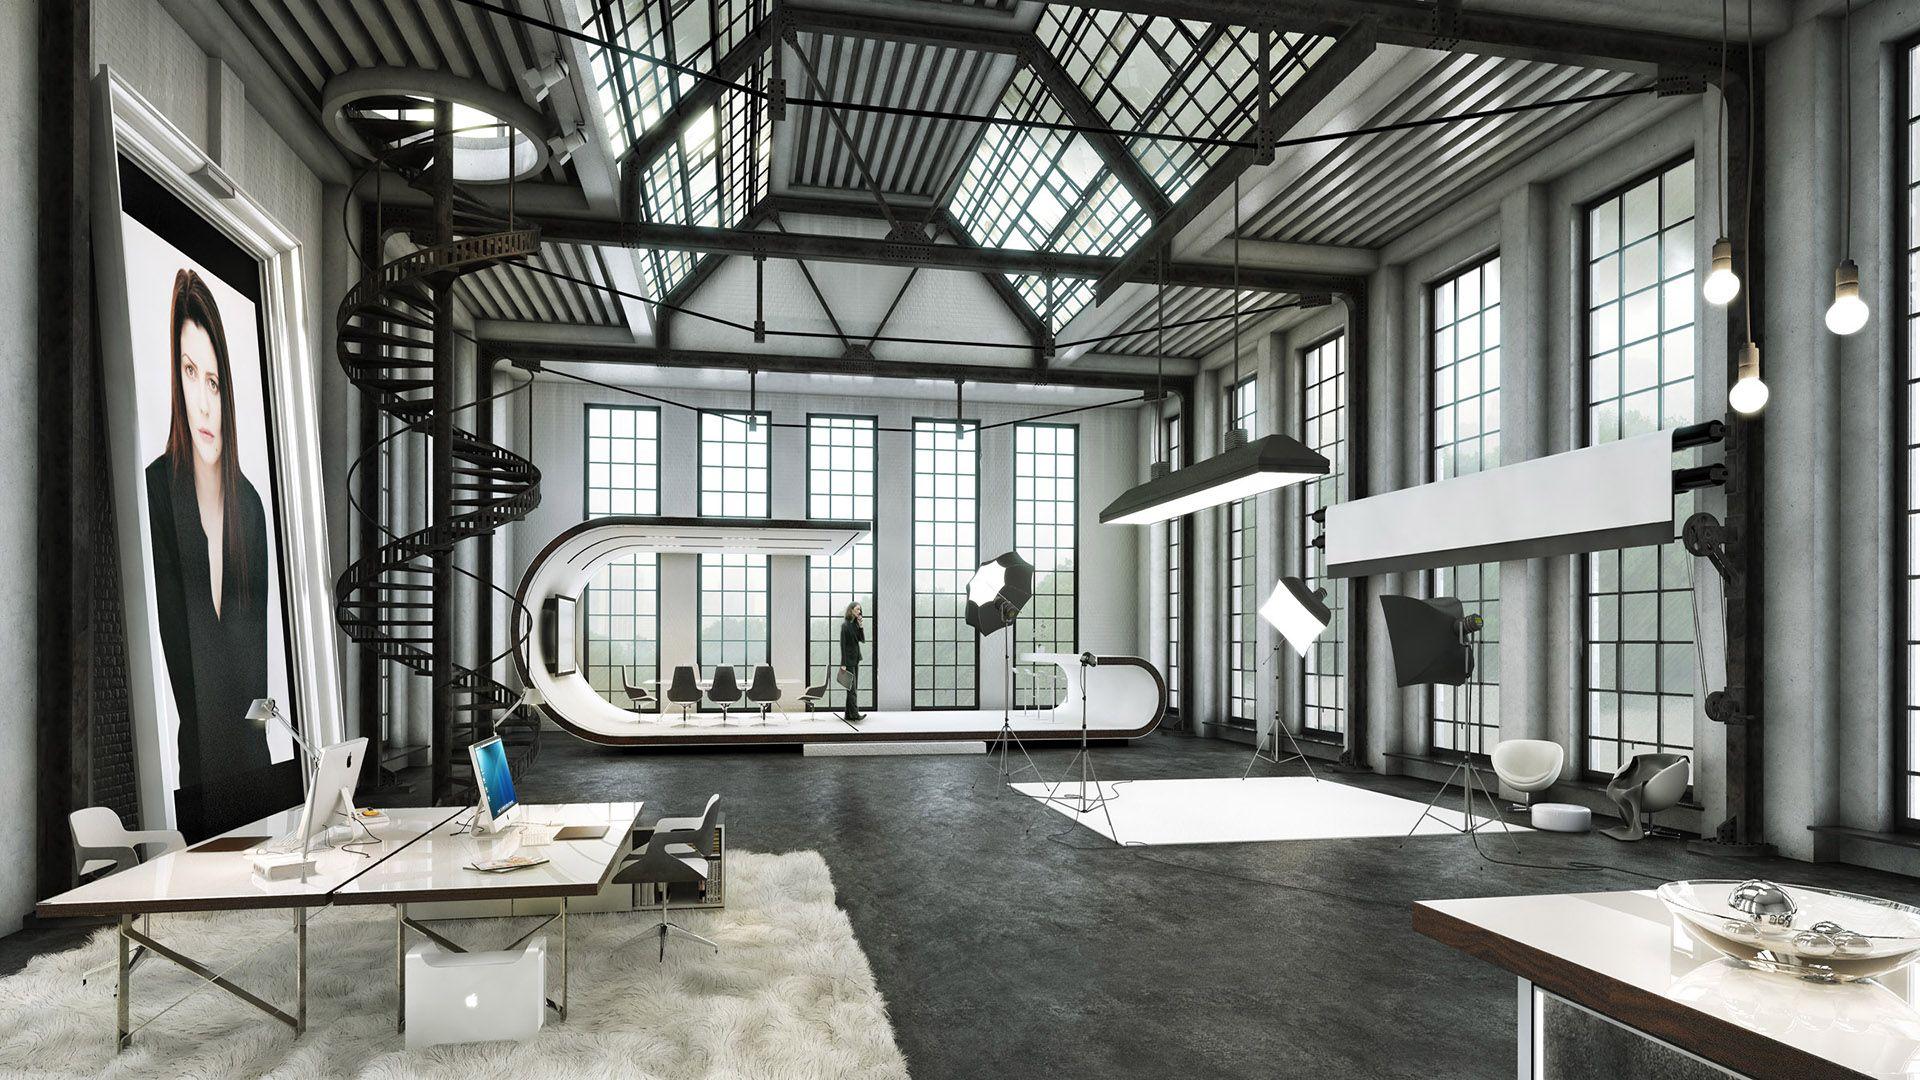 21d virtuelles Set eines New York Loft Spaces anhand eines ...